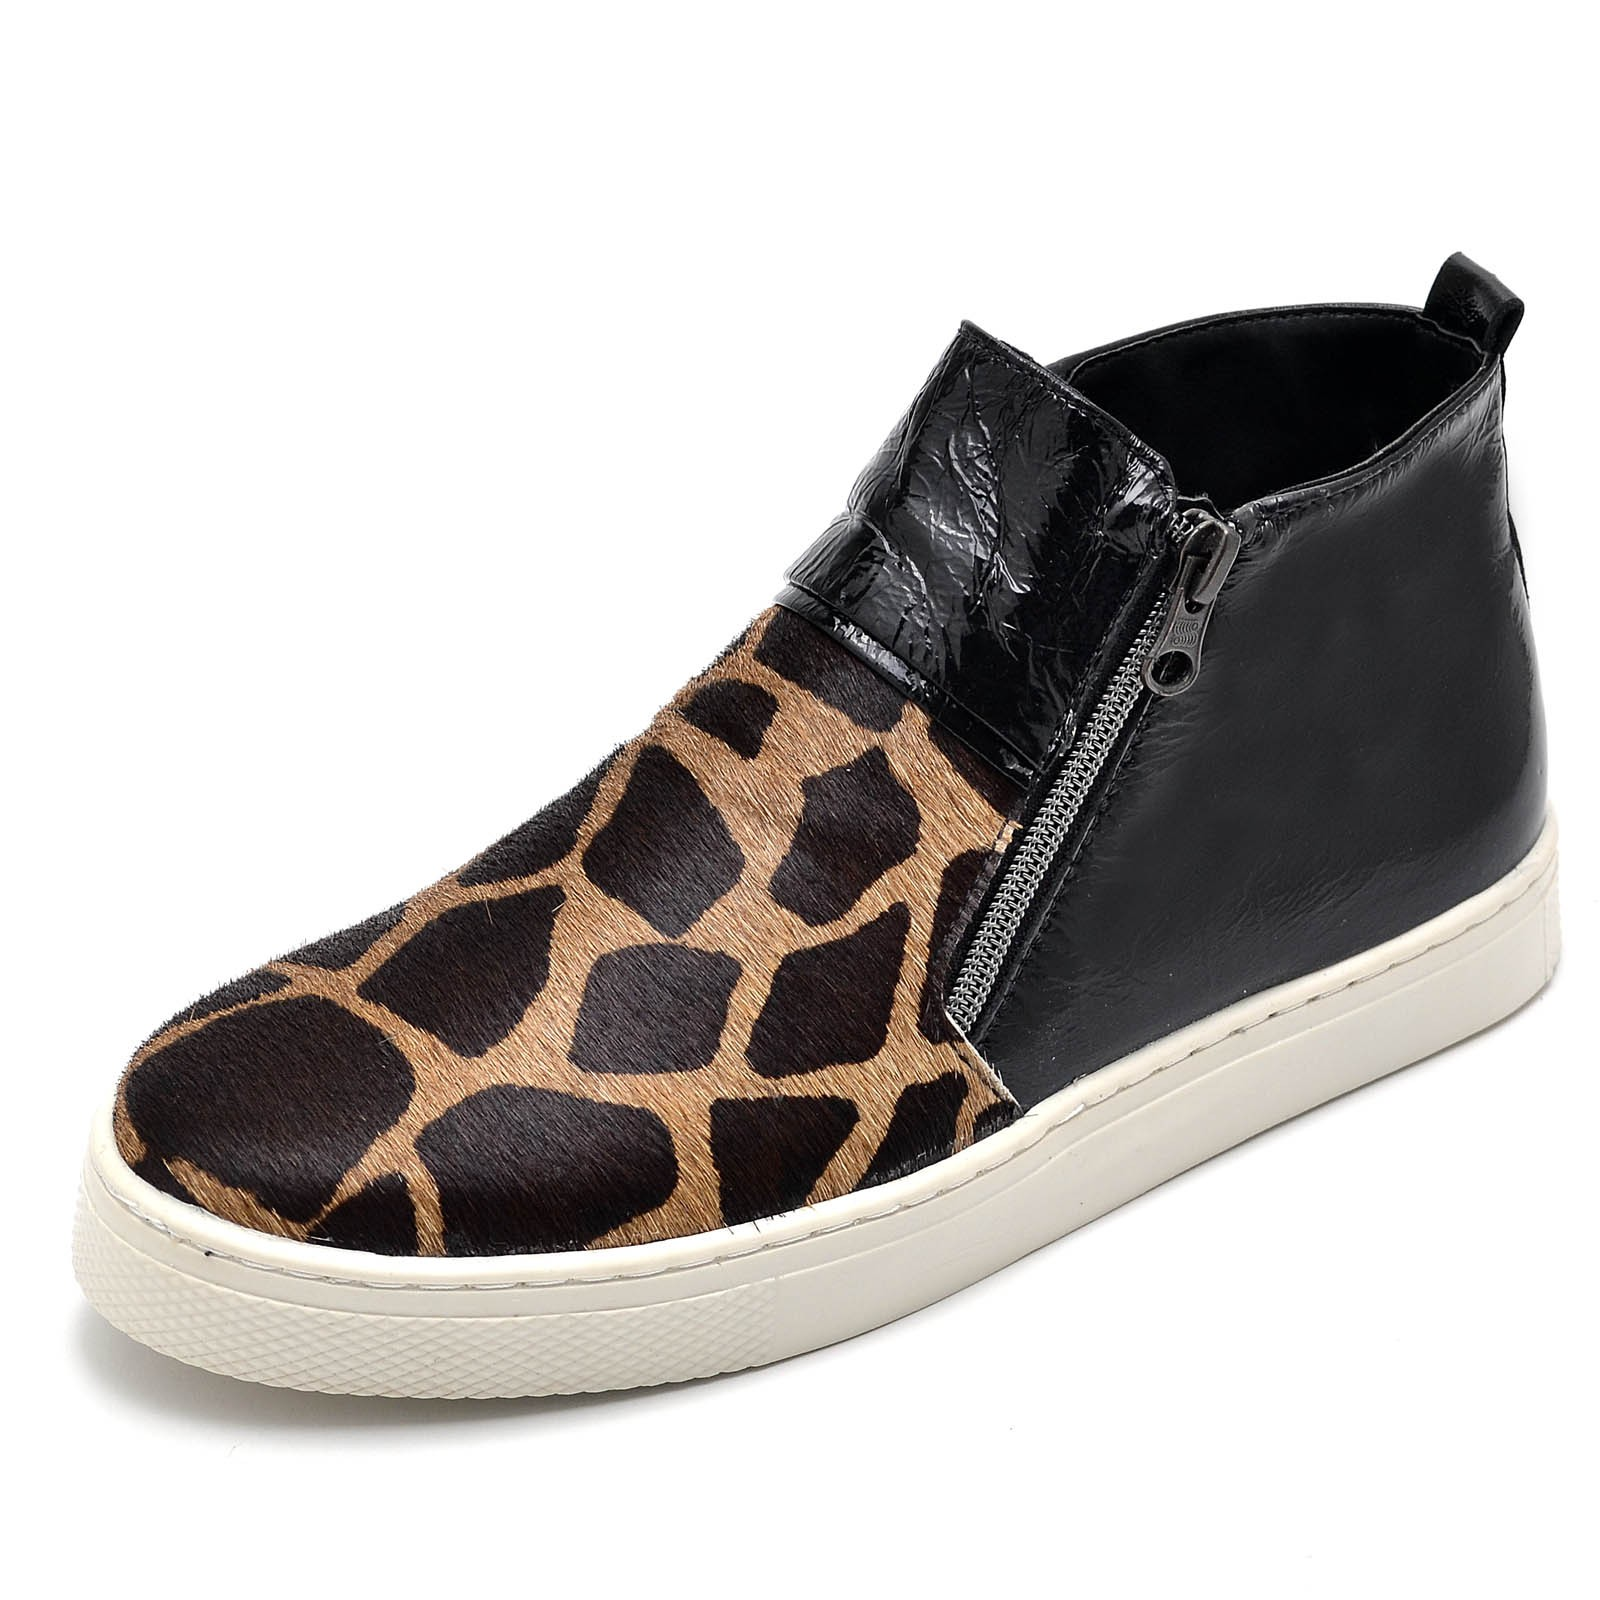 Botinha Gommix 26100 verniz Preto Girafa